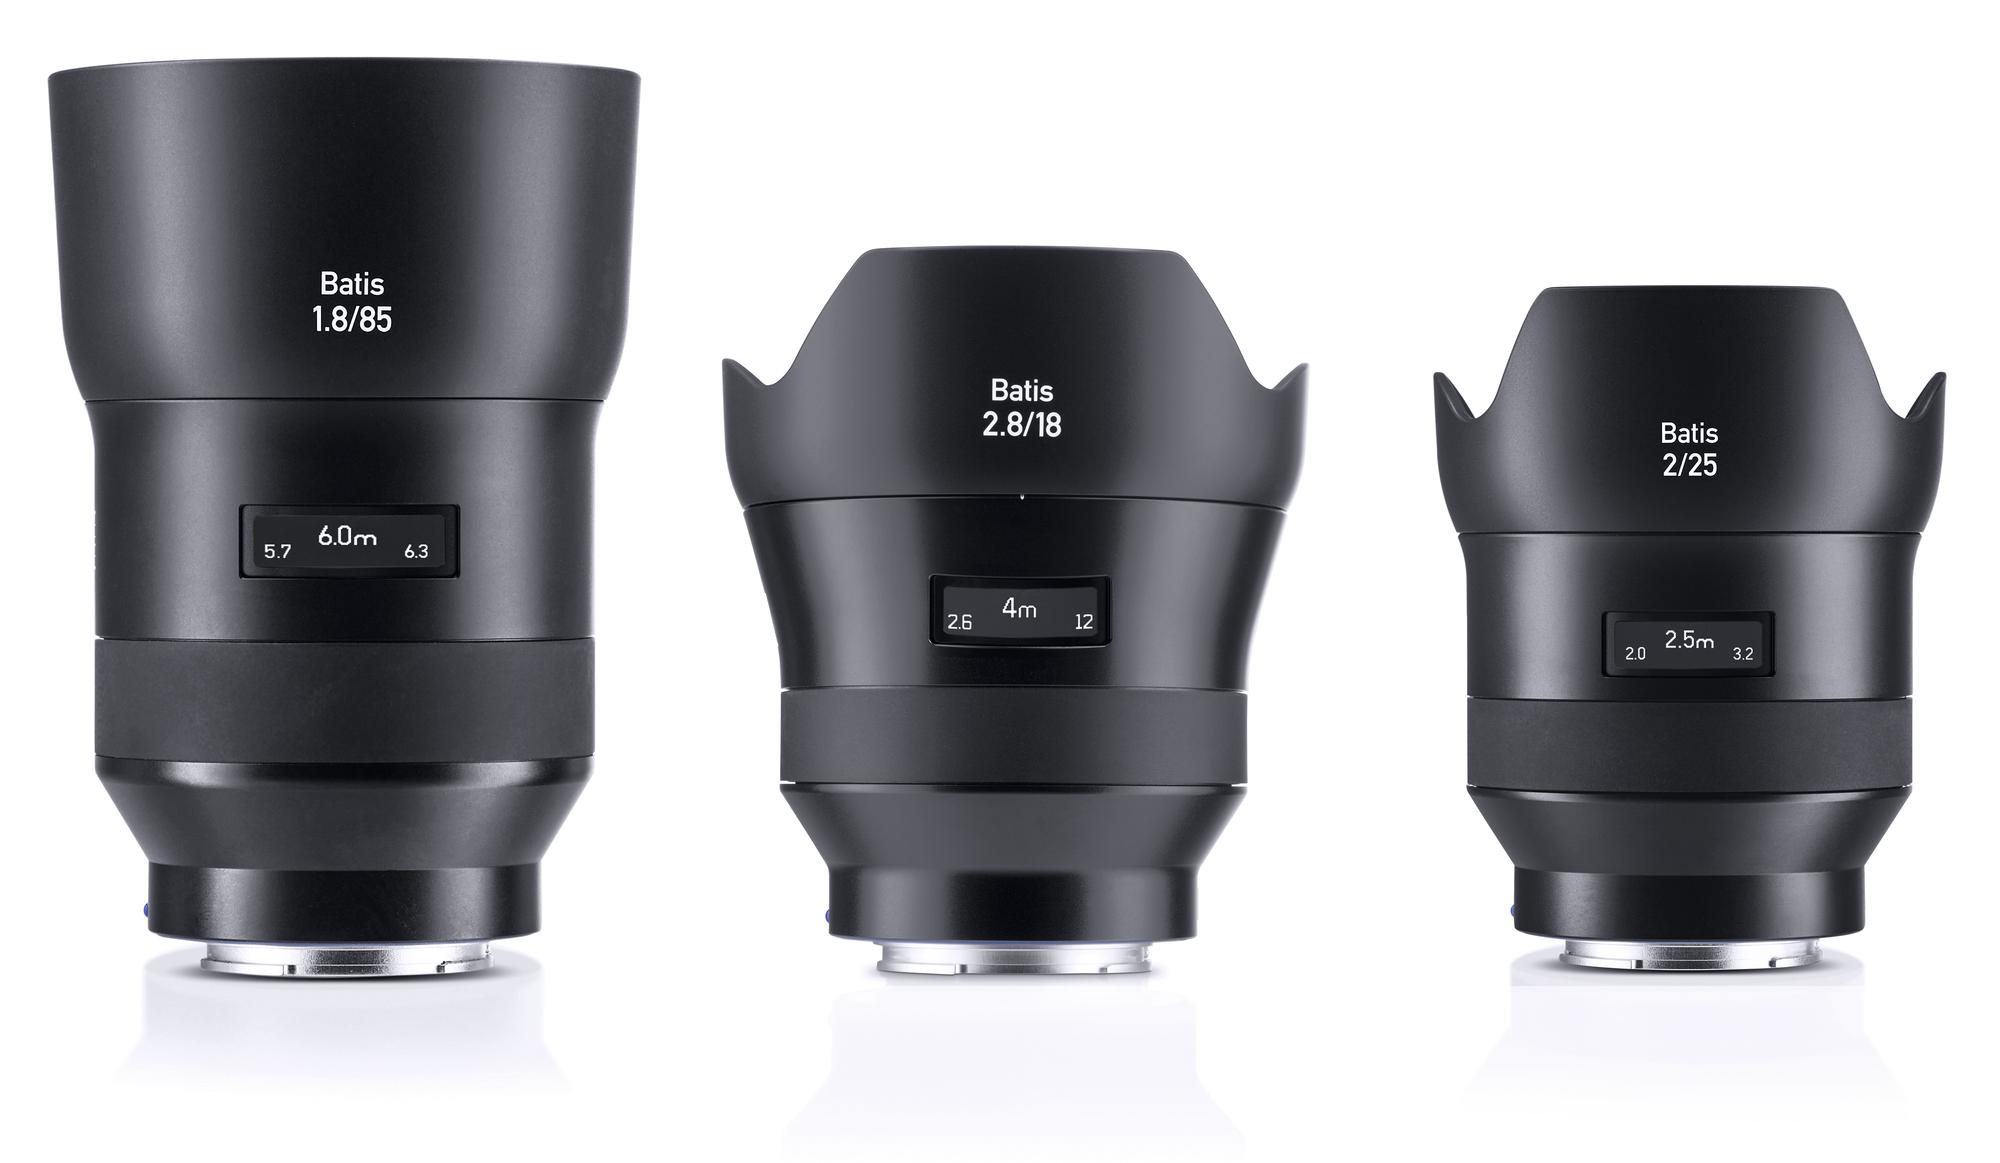 Невероятный объектив Zeiss Batis 240 CF изображения уже в сети - три объектива Zeiss